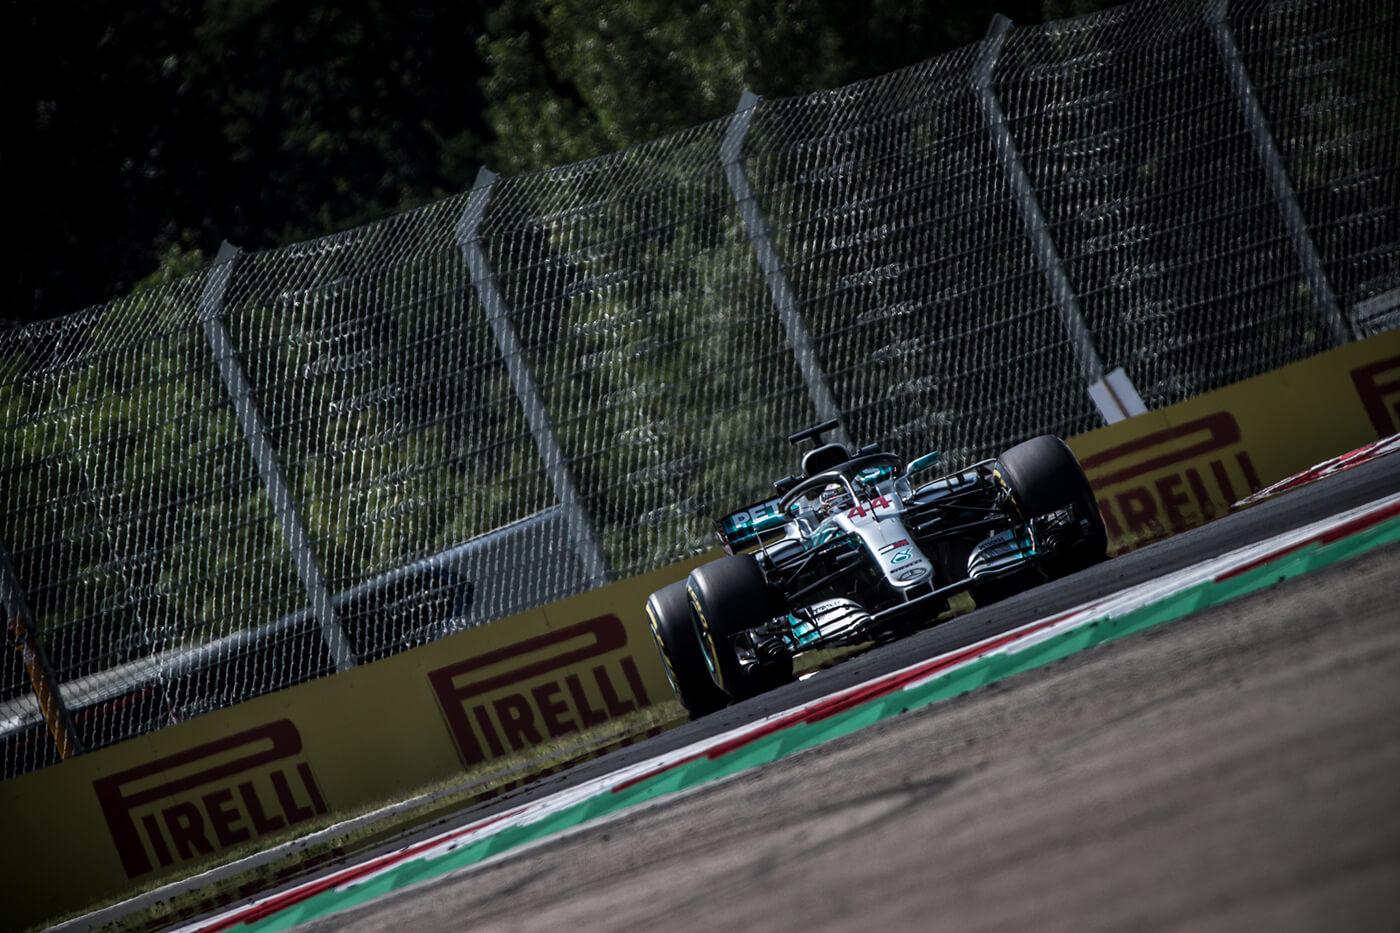 Japán Nagydíj: Hamiltoné a pole pozíció, Vettel csak a kilencedik